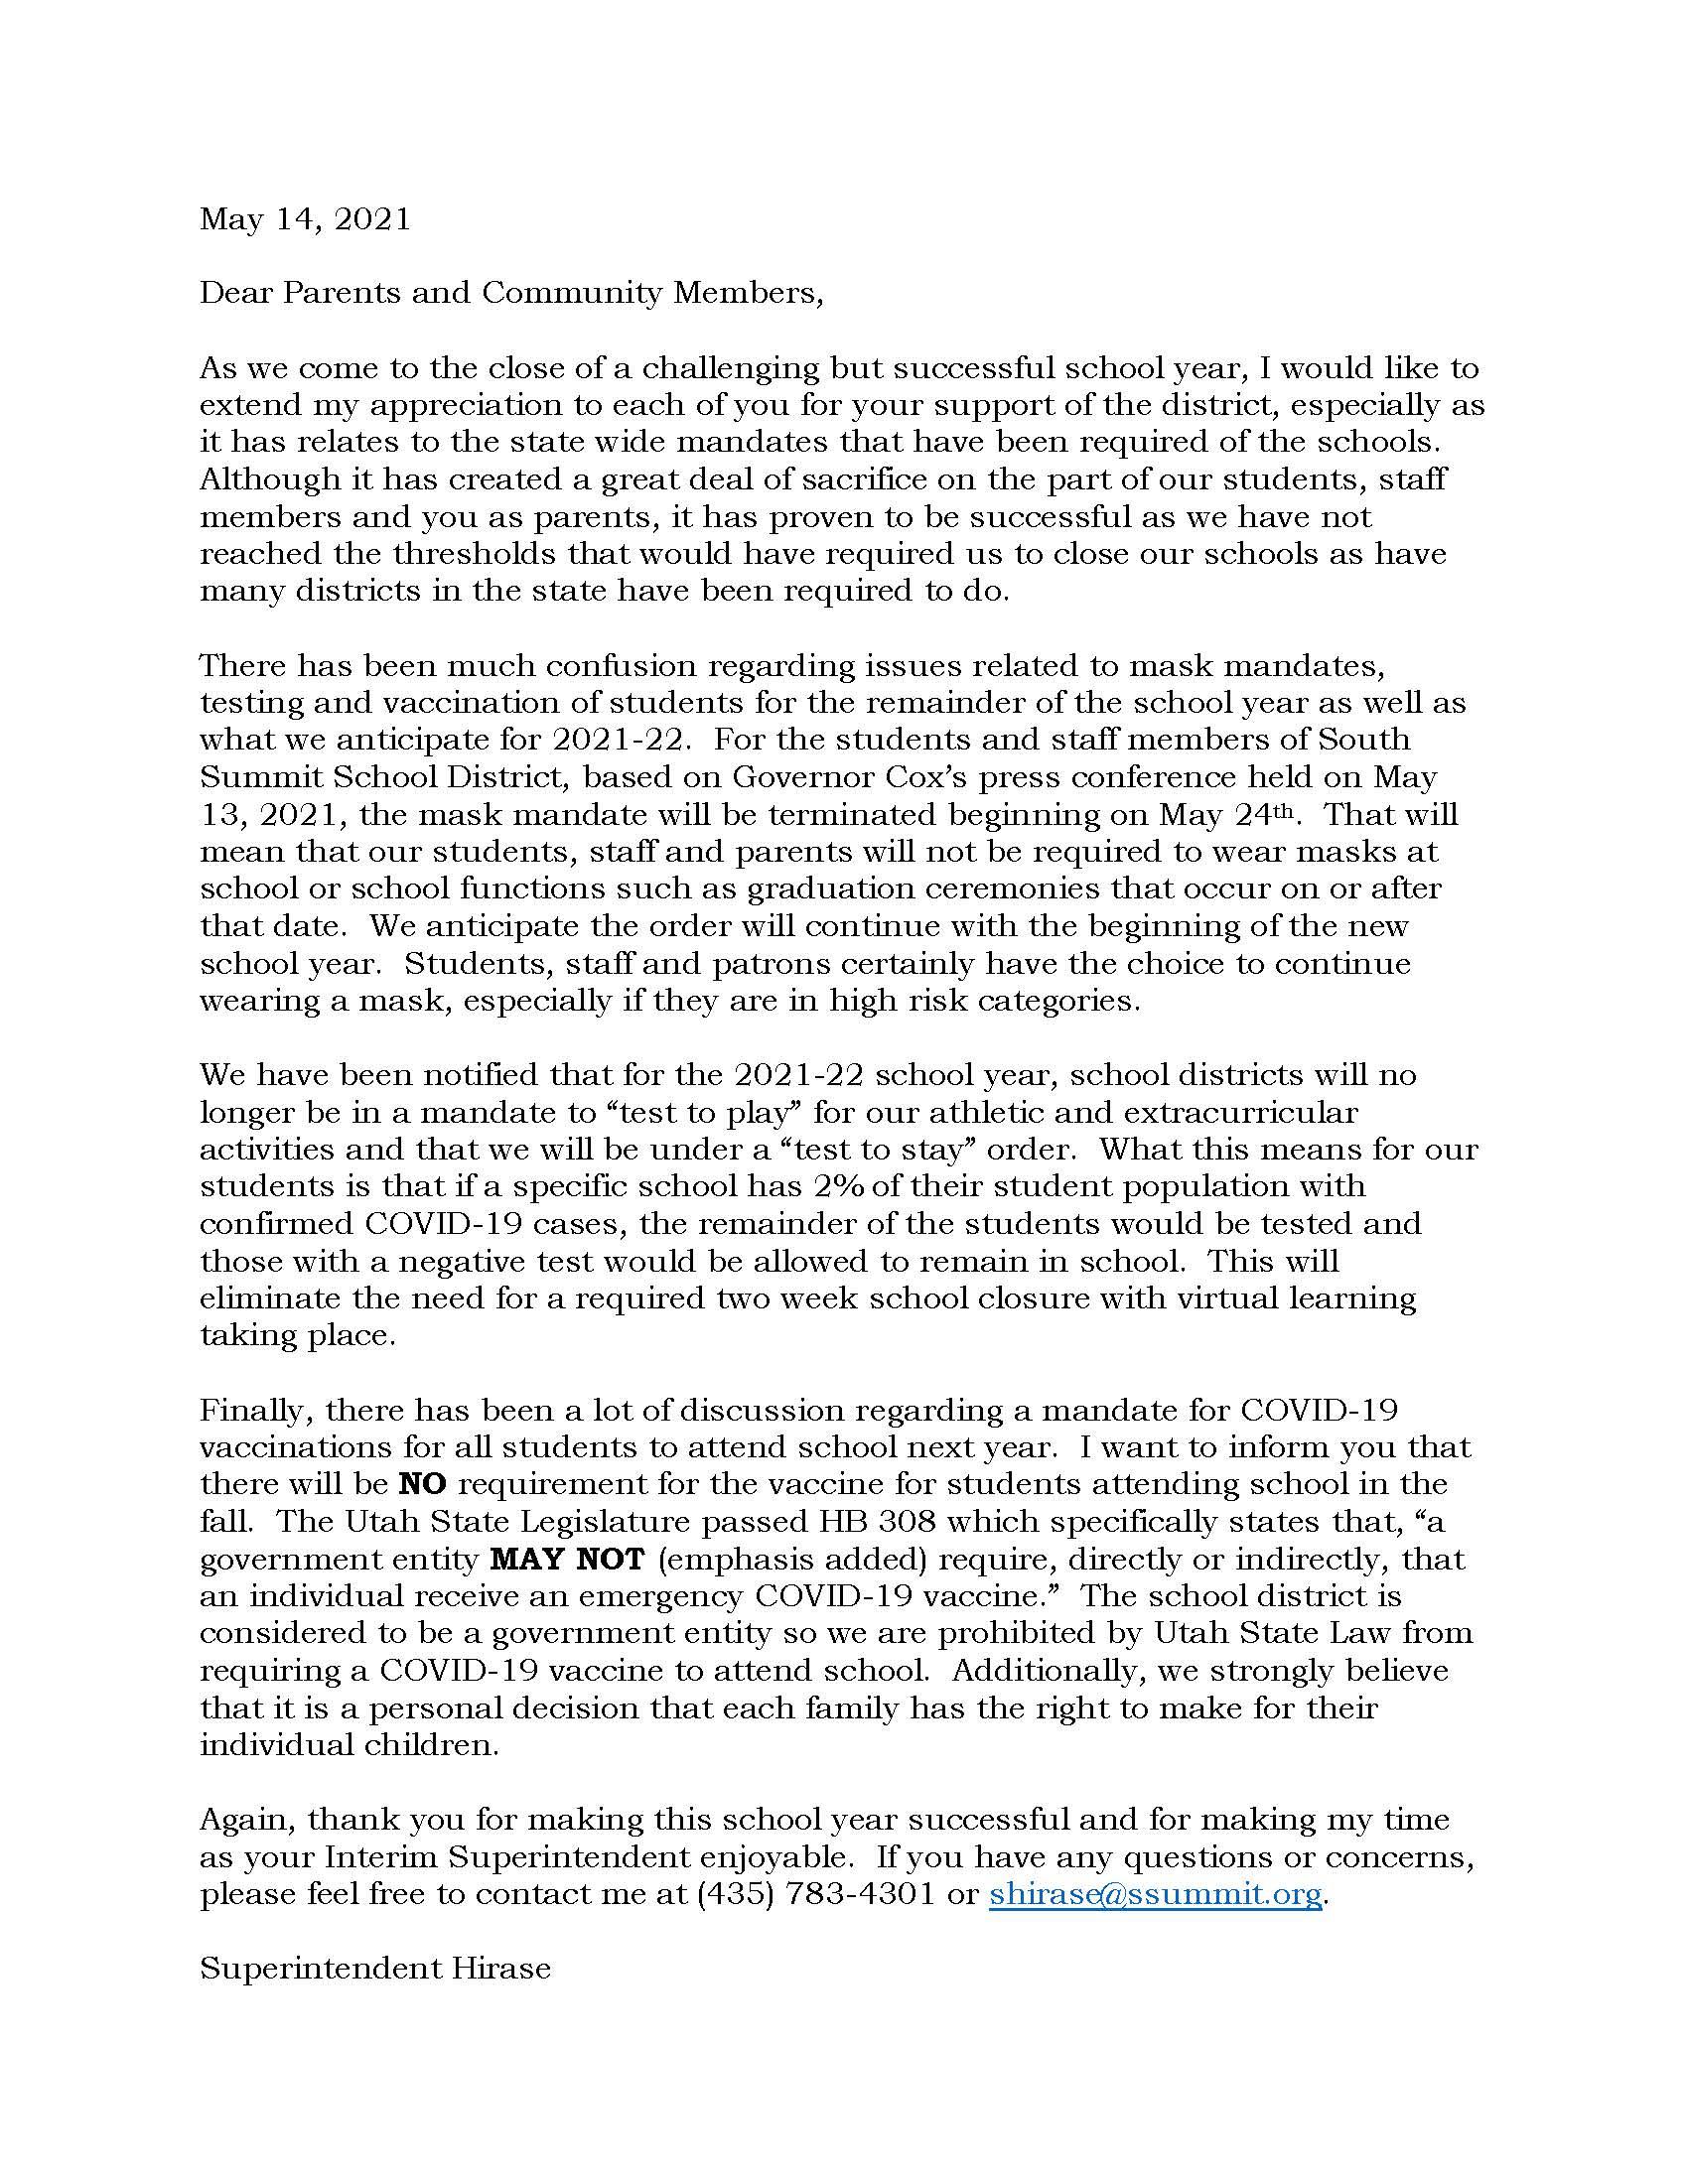 Parent letter Eng